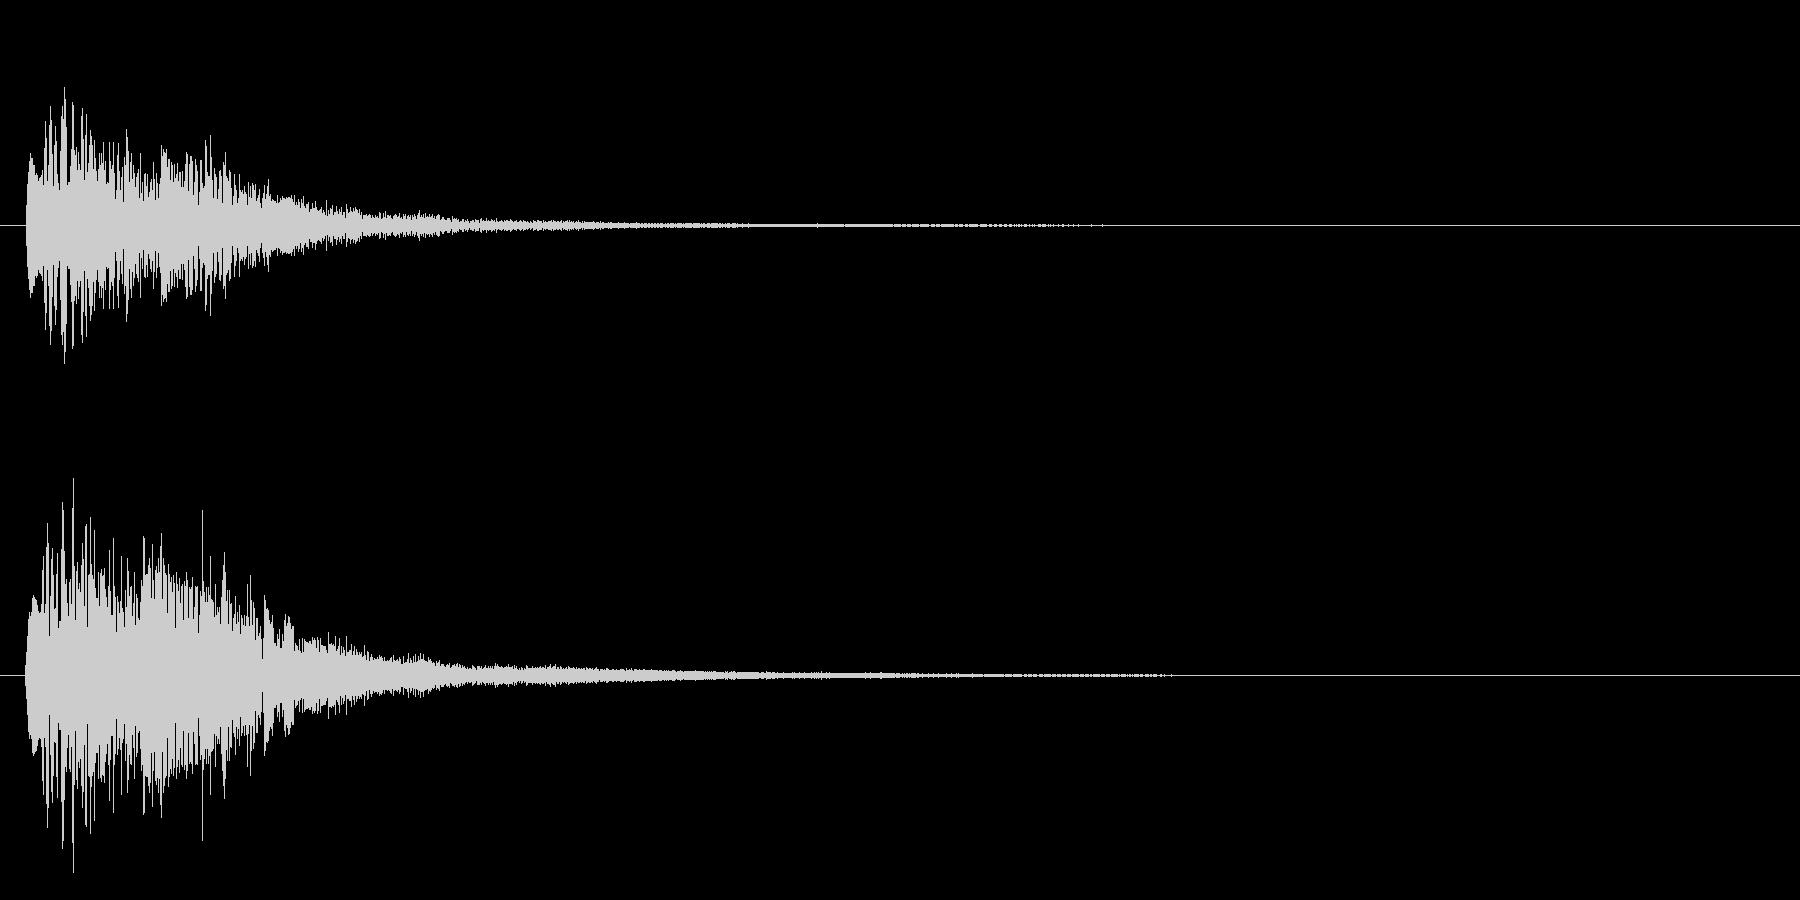 ピアノのキラキラ上昇音【キラキラキラーンの未再生の波形